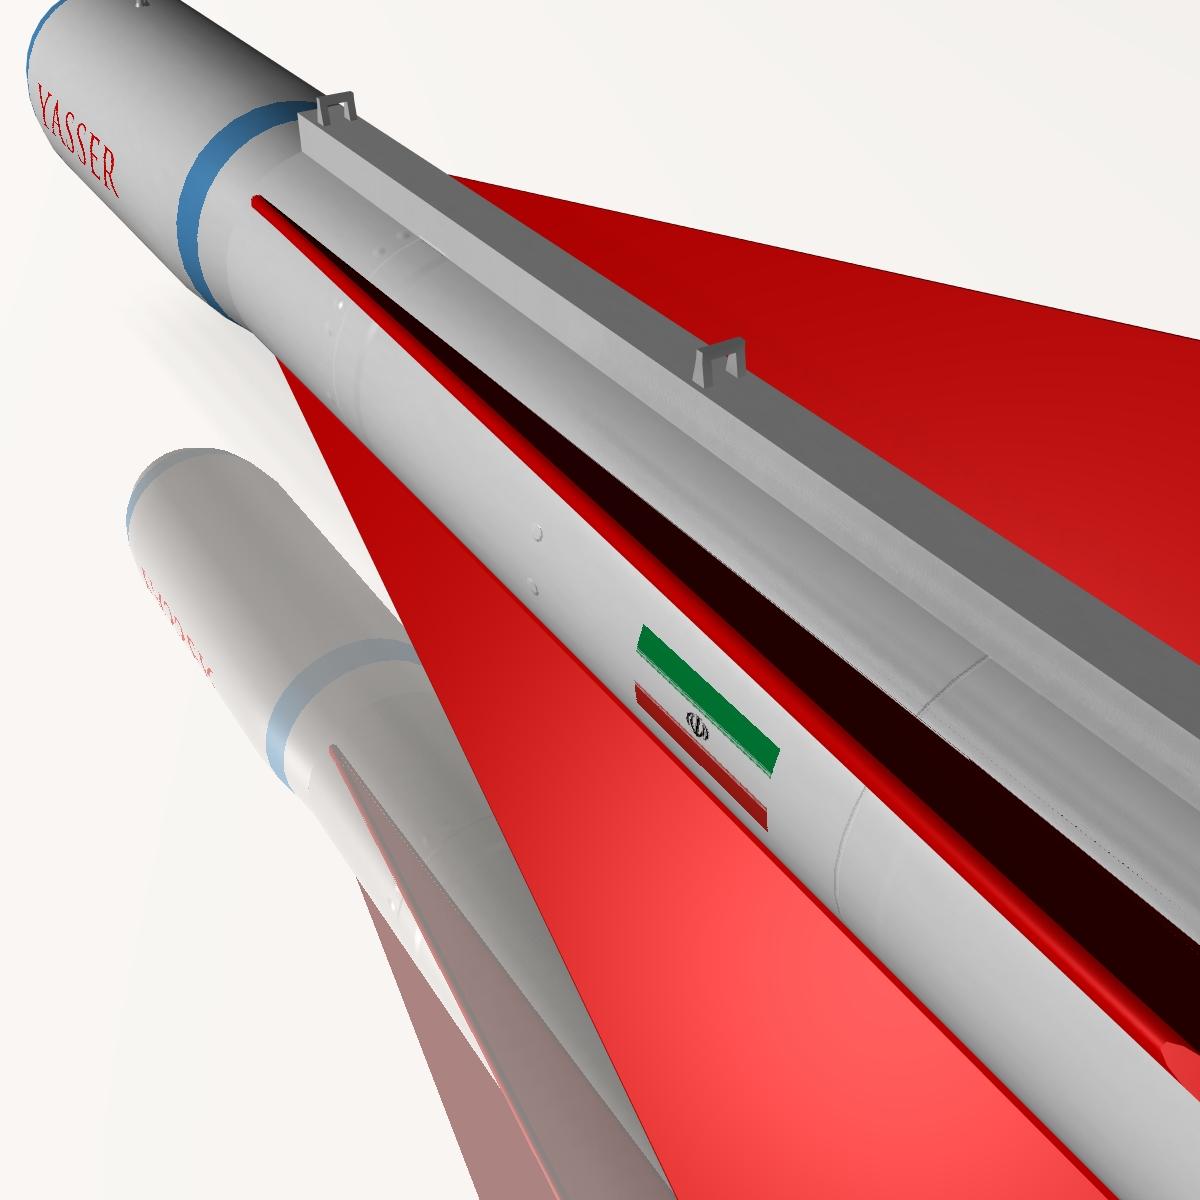 iranian yasser asm missile 3d model 3ds dxf cob x obj 150564